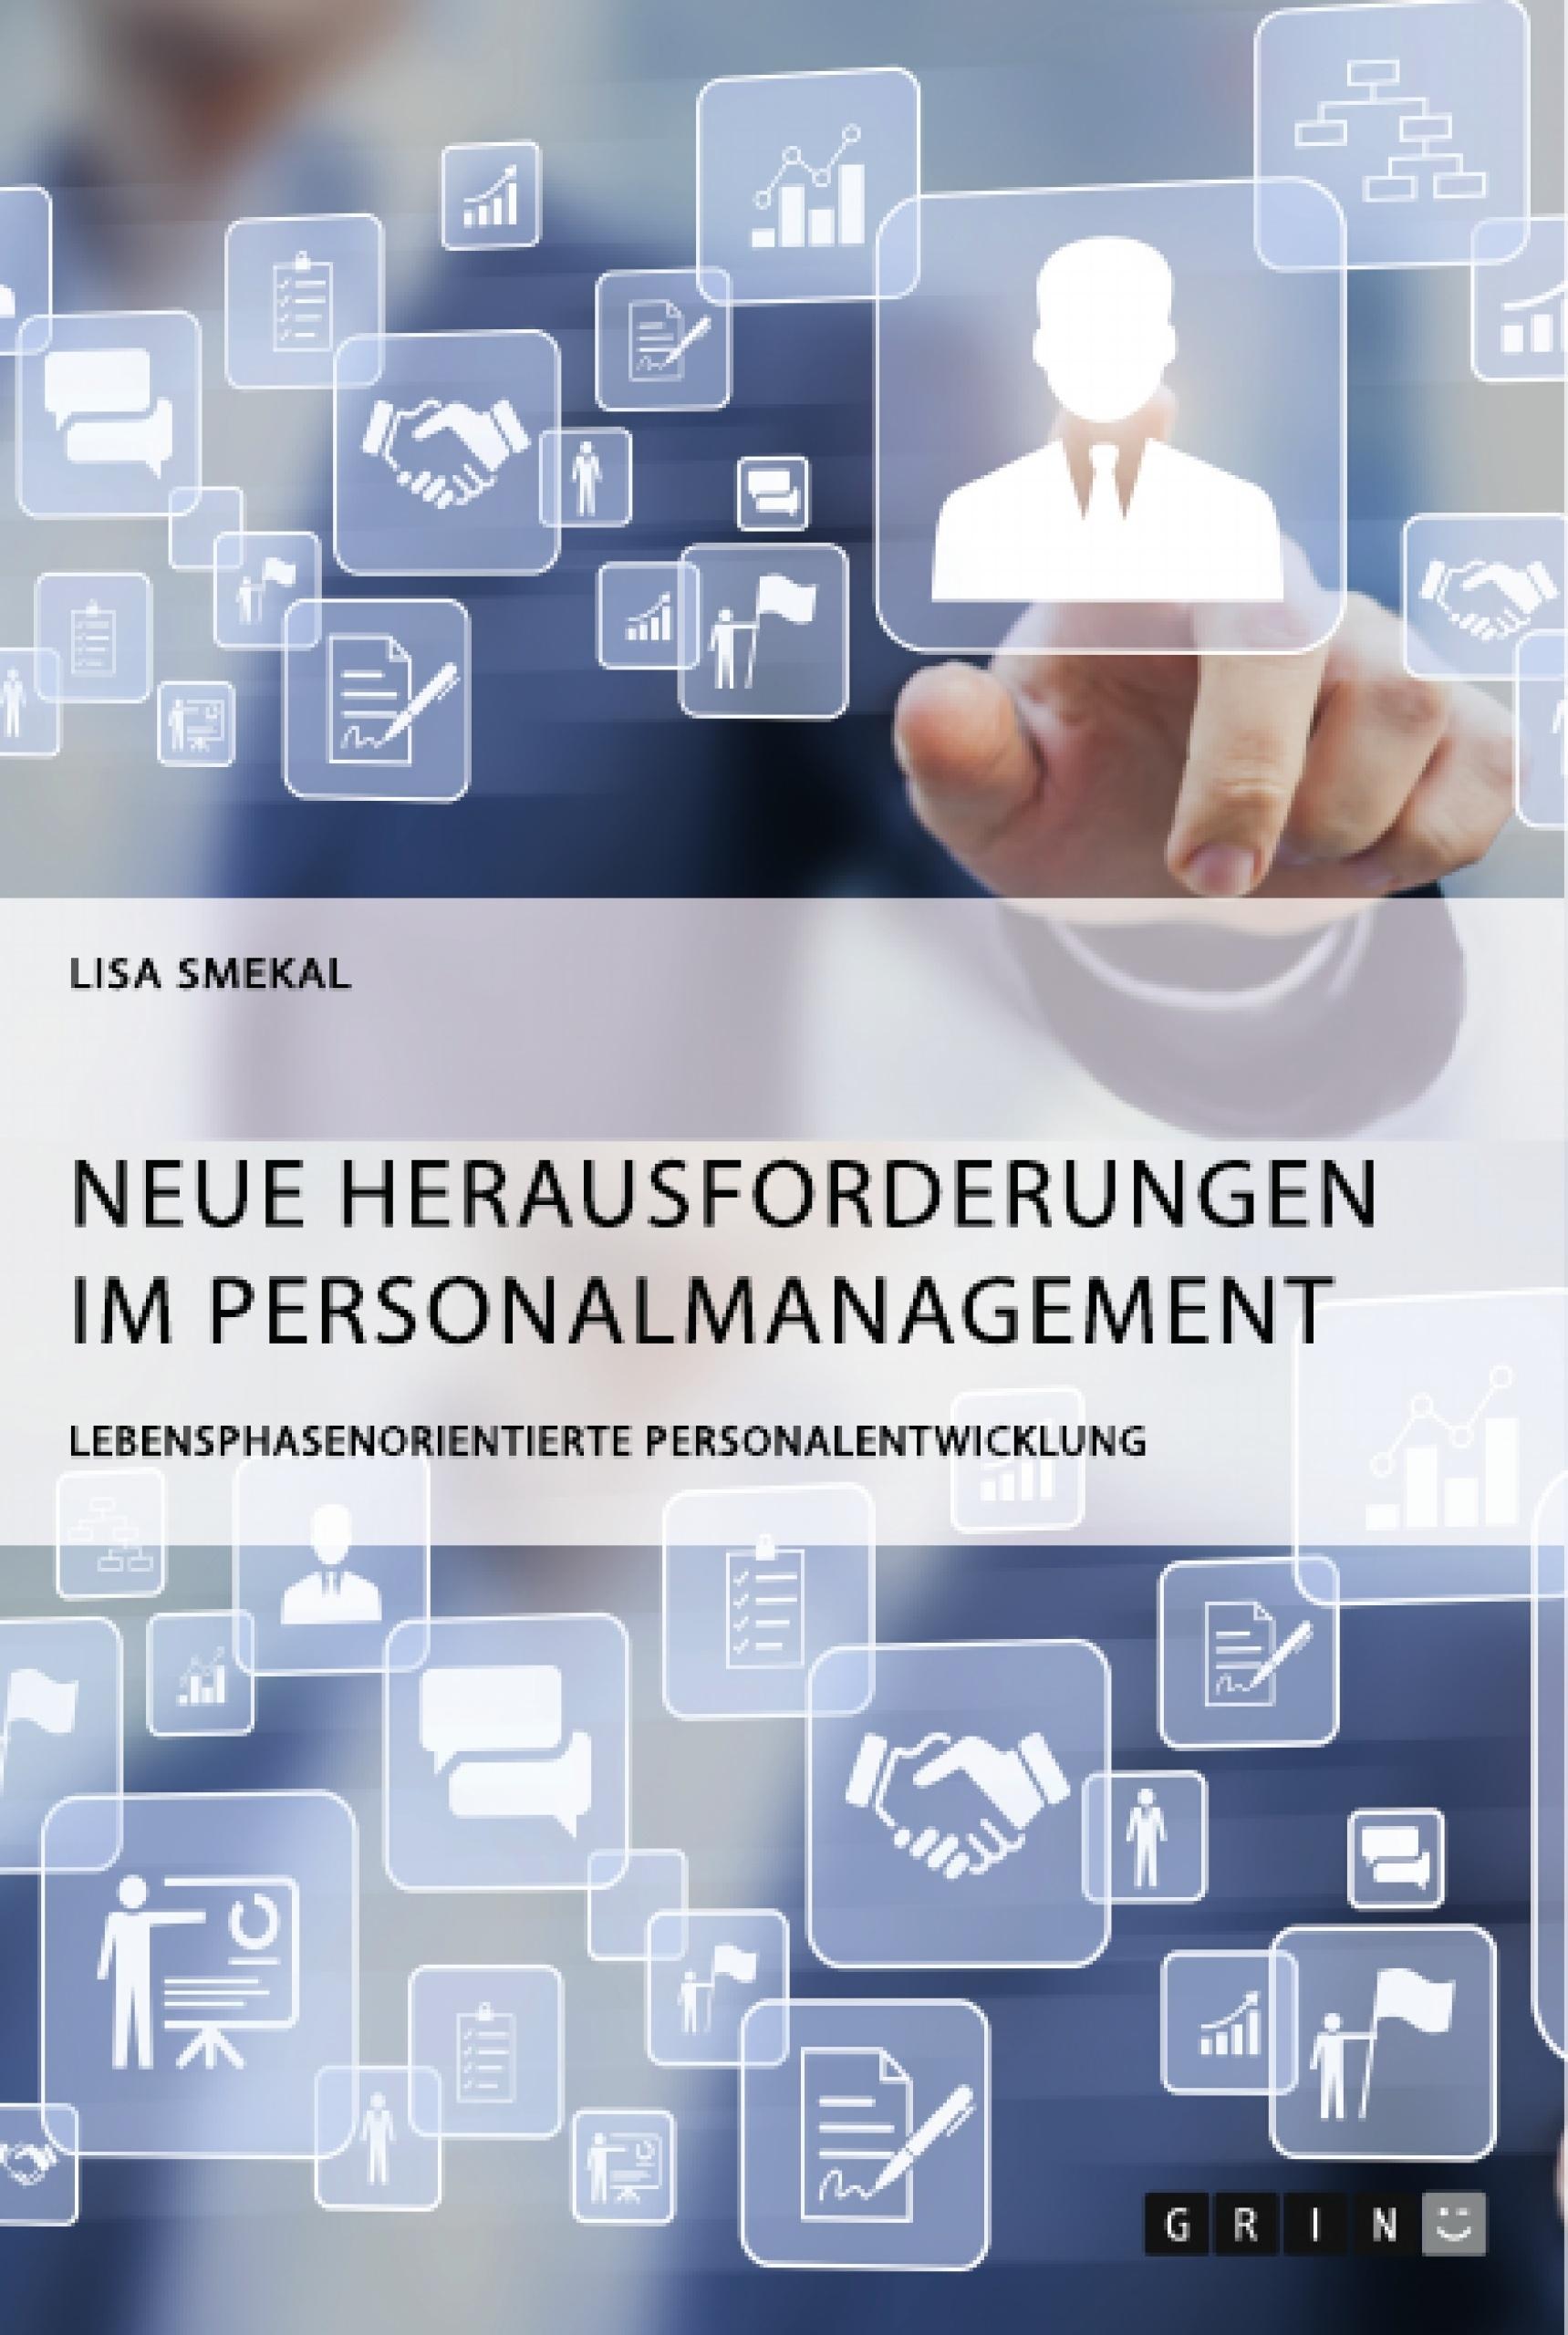 Titel: Neue Herausforderungen im Personalmanagement. Lebensphasenorientierte Personalentwicklung